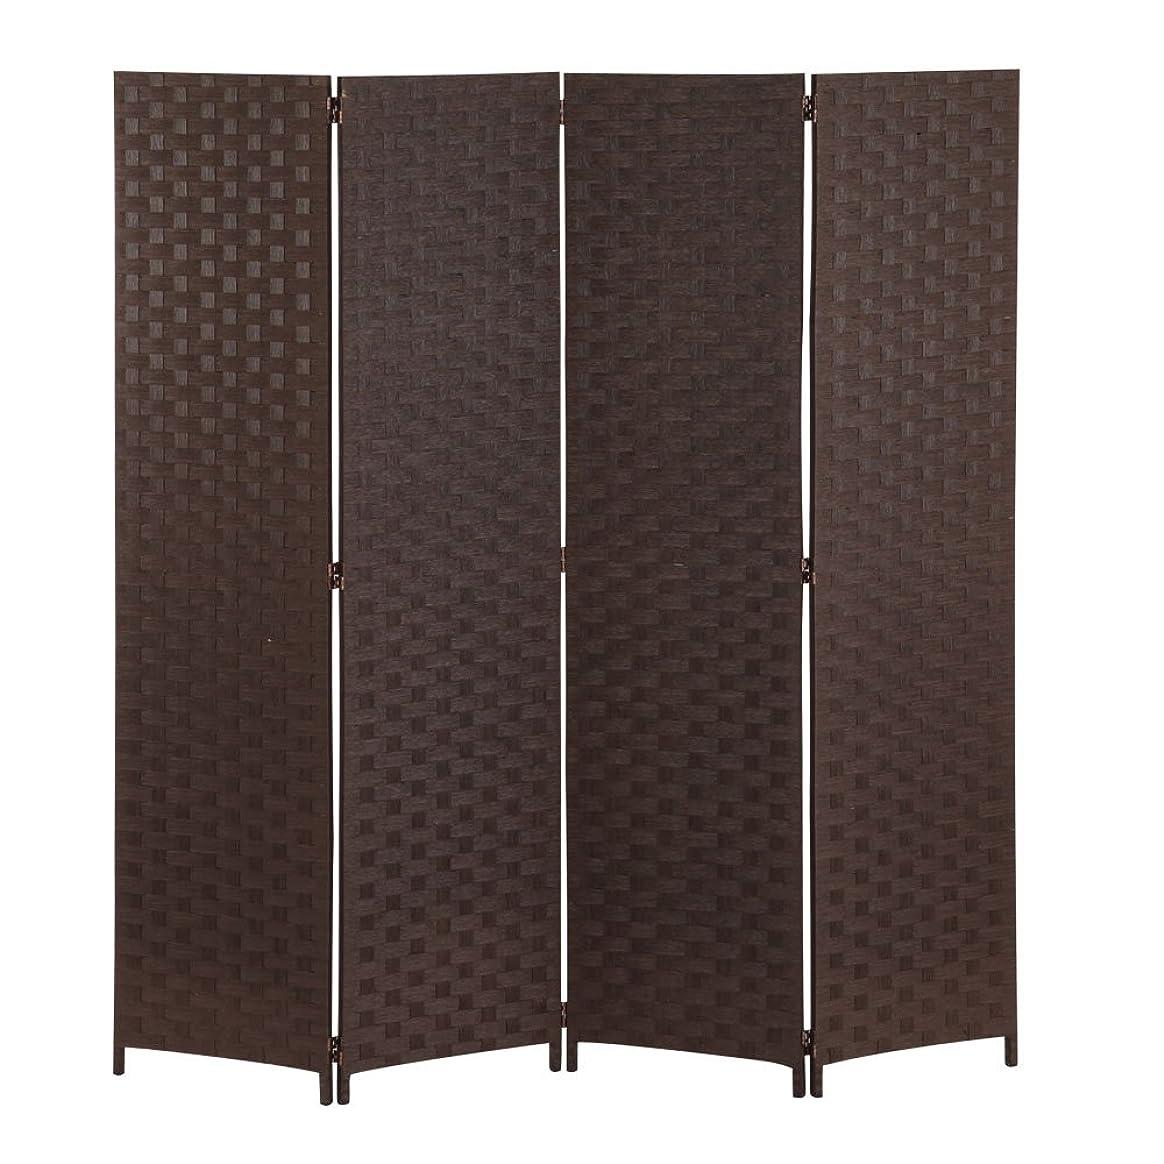 けがをする販売計画ギネスぼん家具 衝立 パーテーション 4連 高さ174cm 間仕切り スクリーン おしゃれ ブラウン